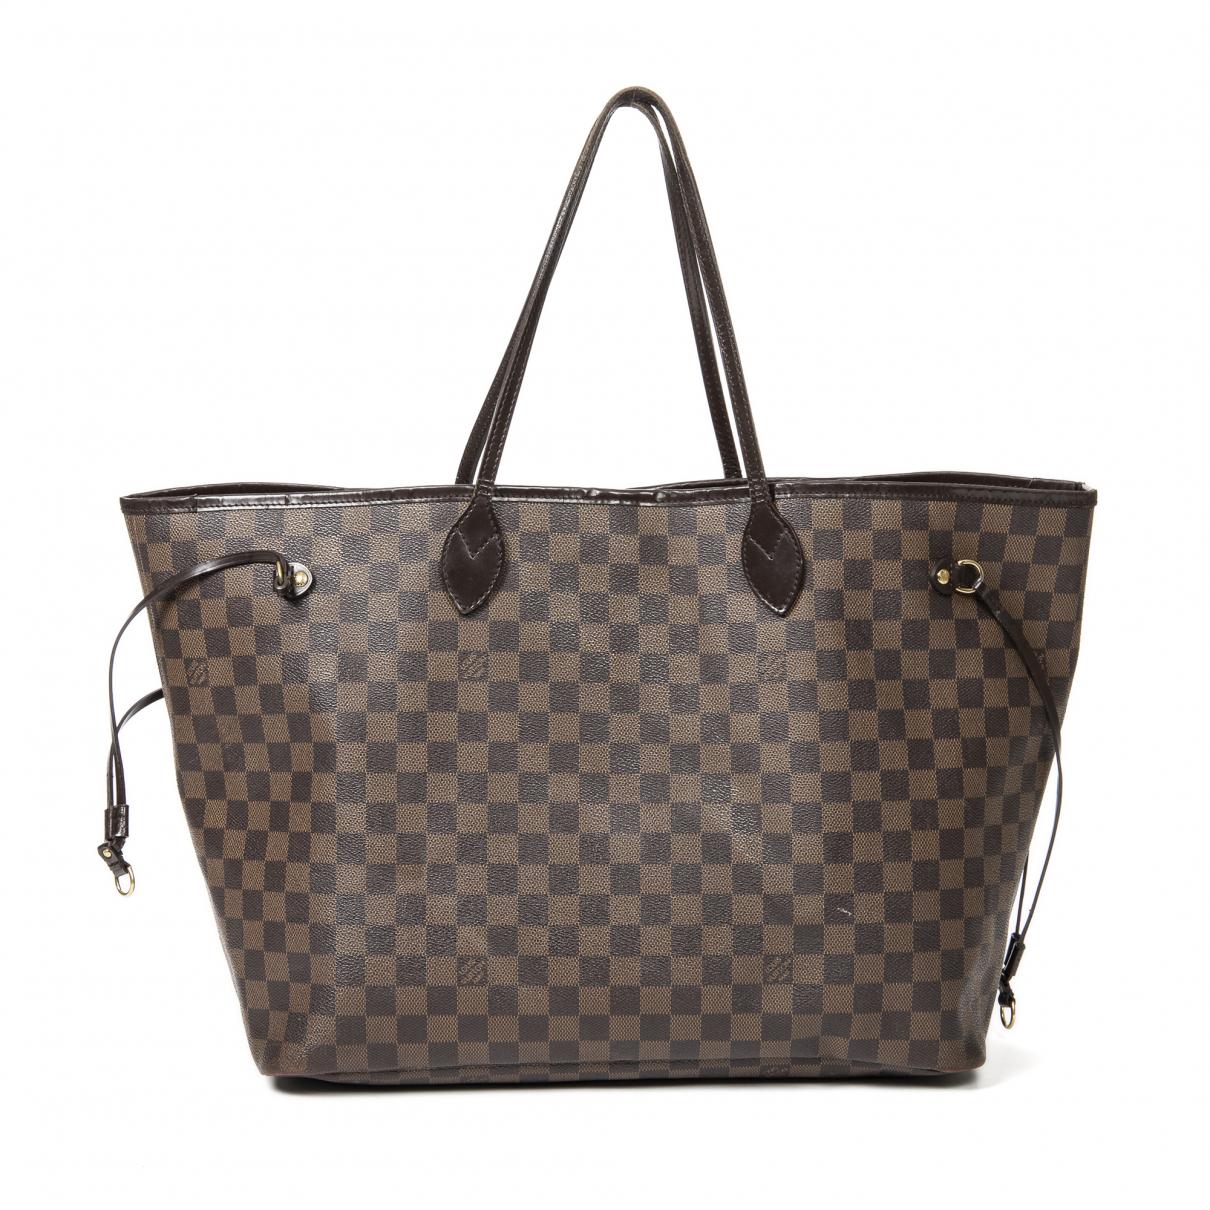 Louis Vuitton Neverfull Handtasche in  Braun Leder